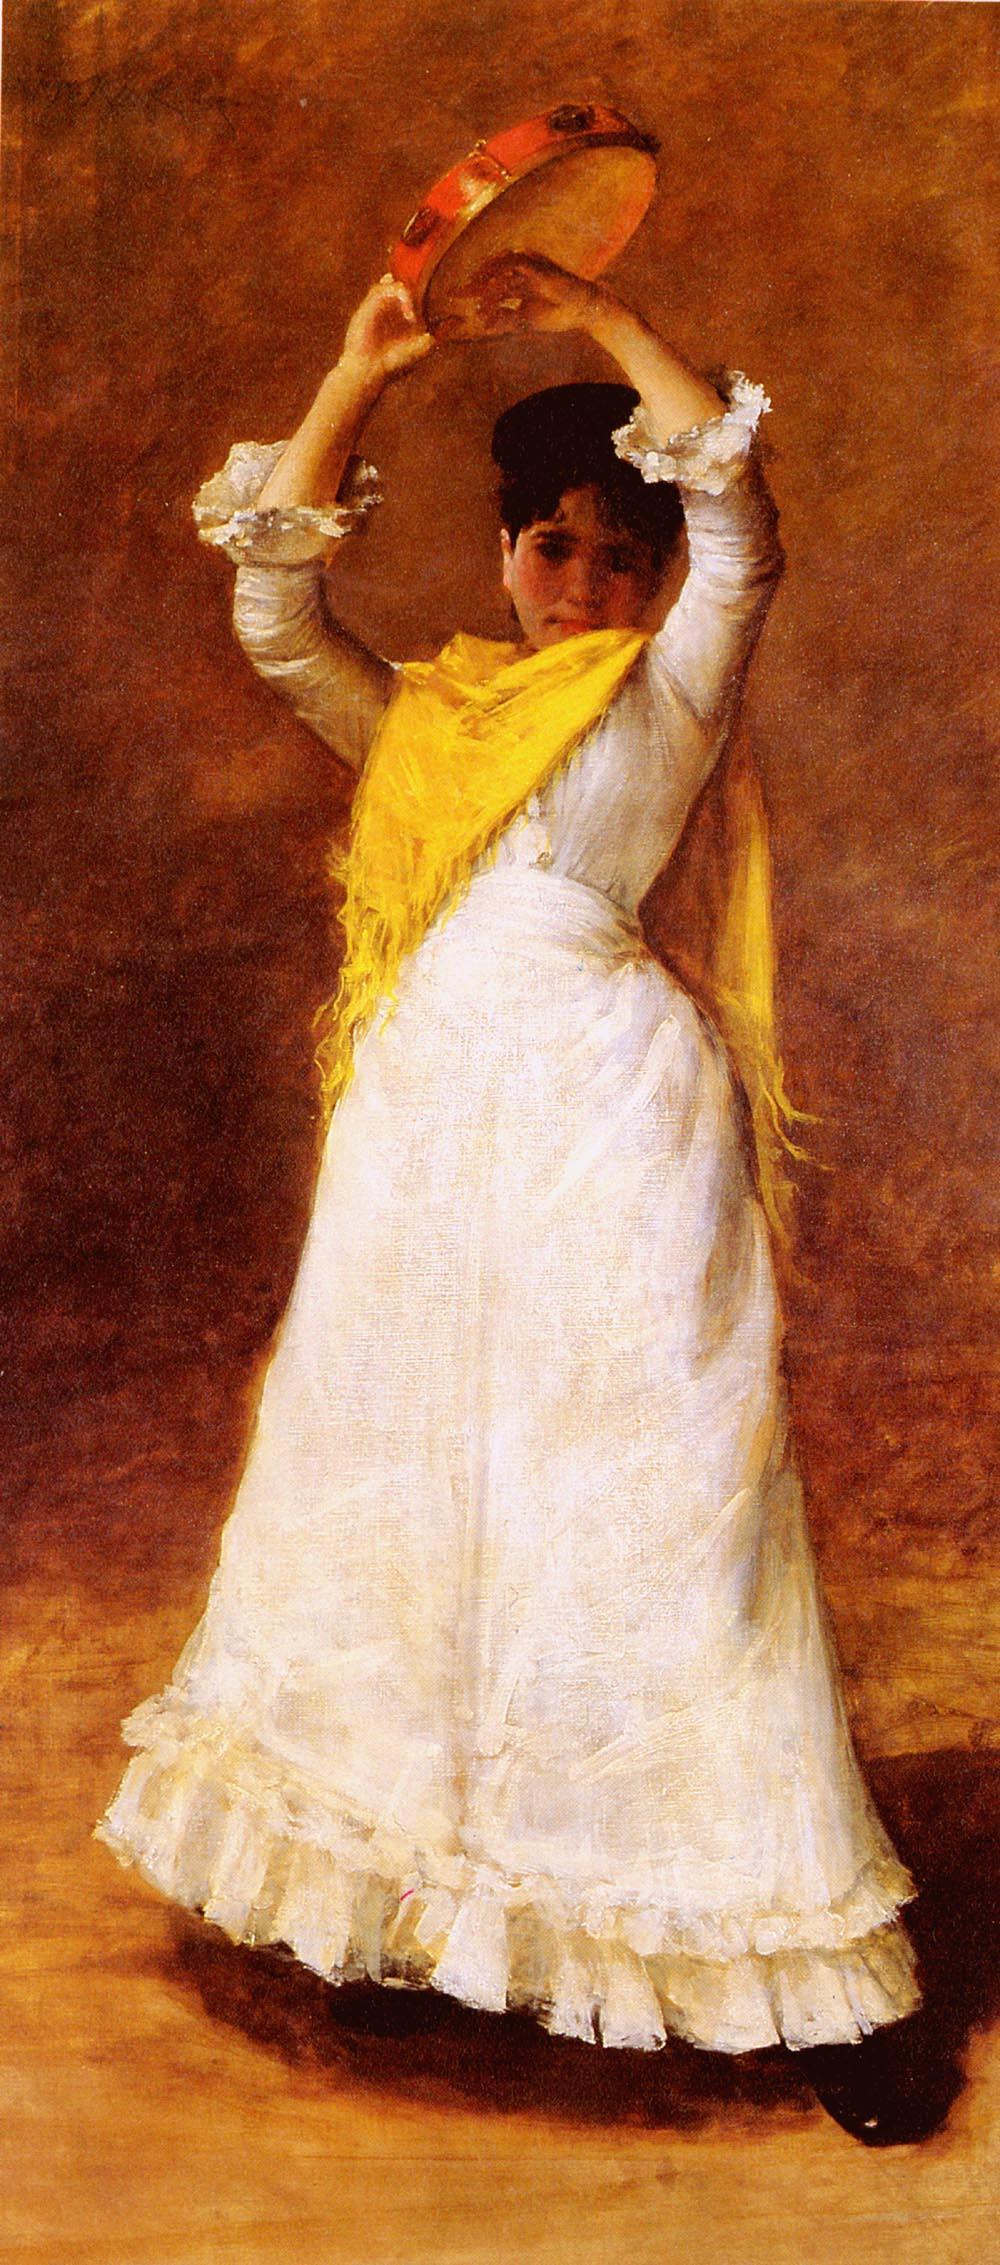 William Merritt Chase. Girl with a tambourine